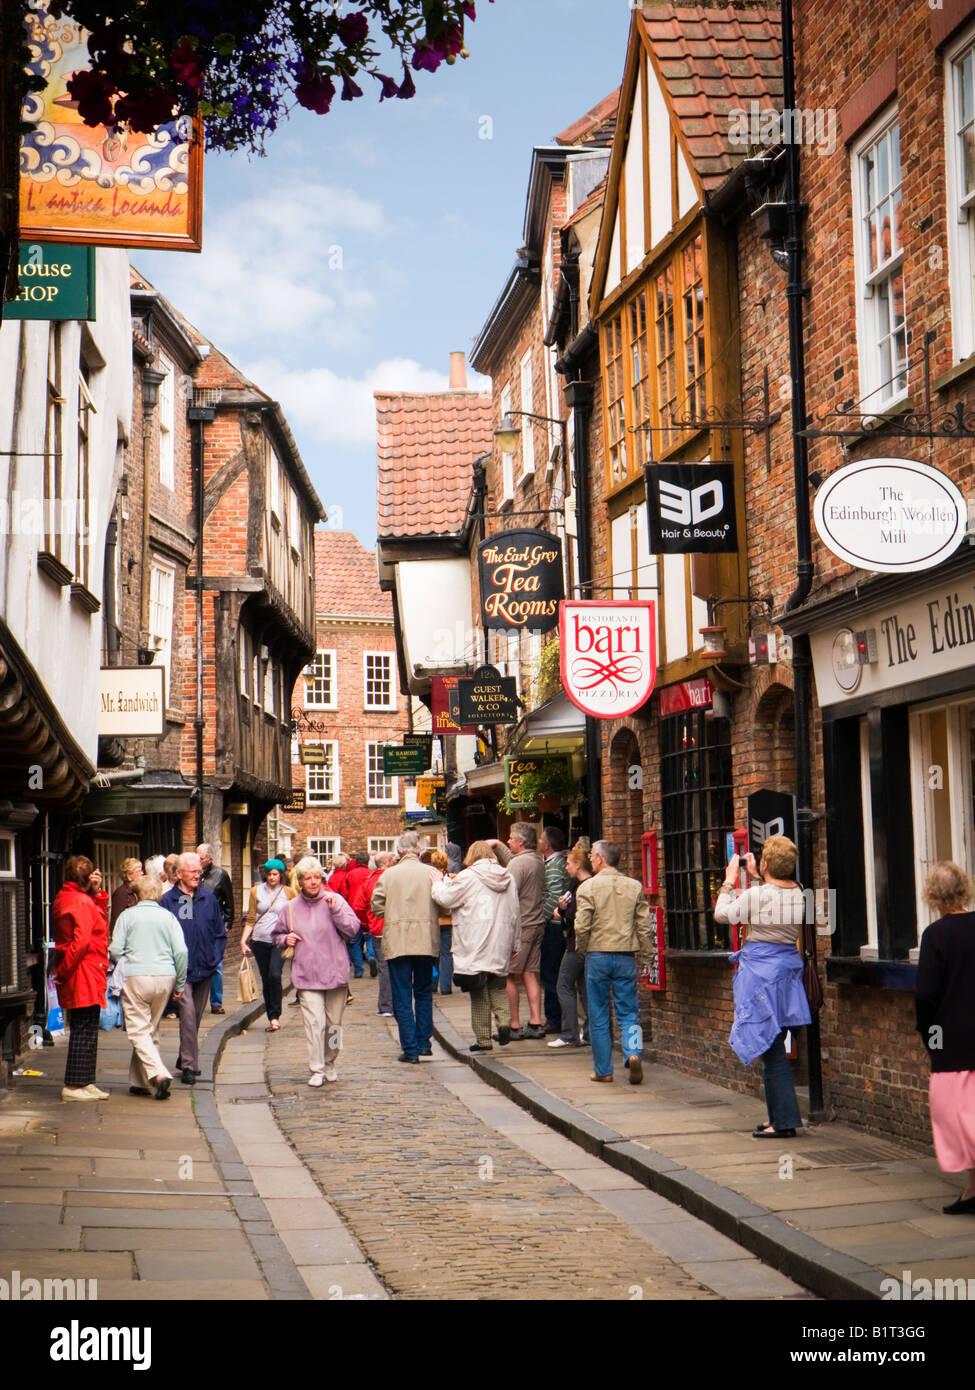 The Shambles, York, REINO UNIDO - antiguas y empedradas calles medievales y tiendas en el centro de la ciudad Imagen De Stock